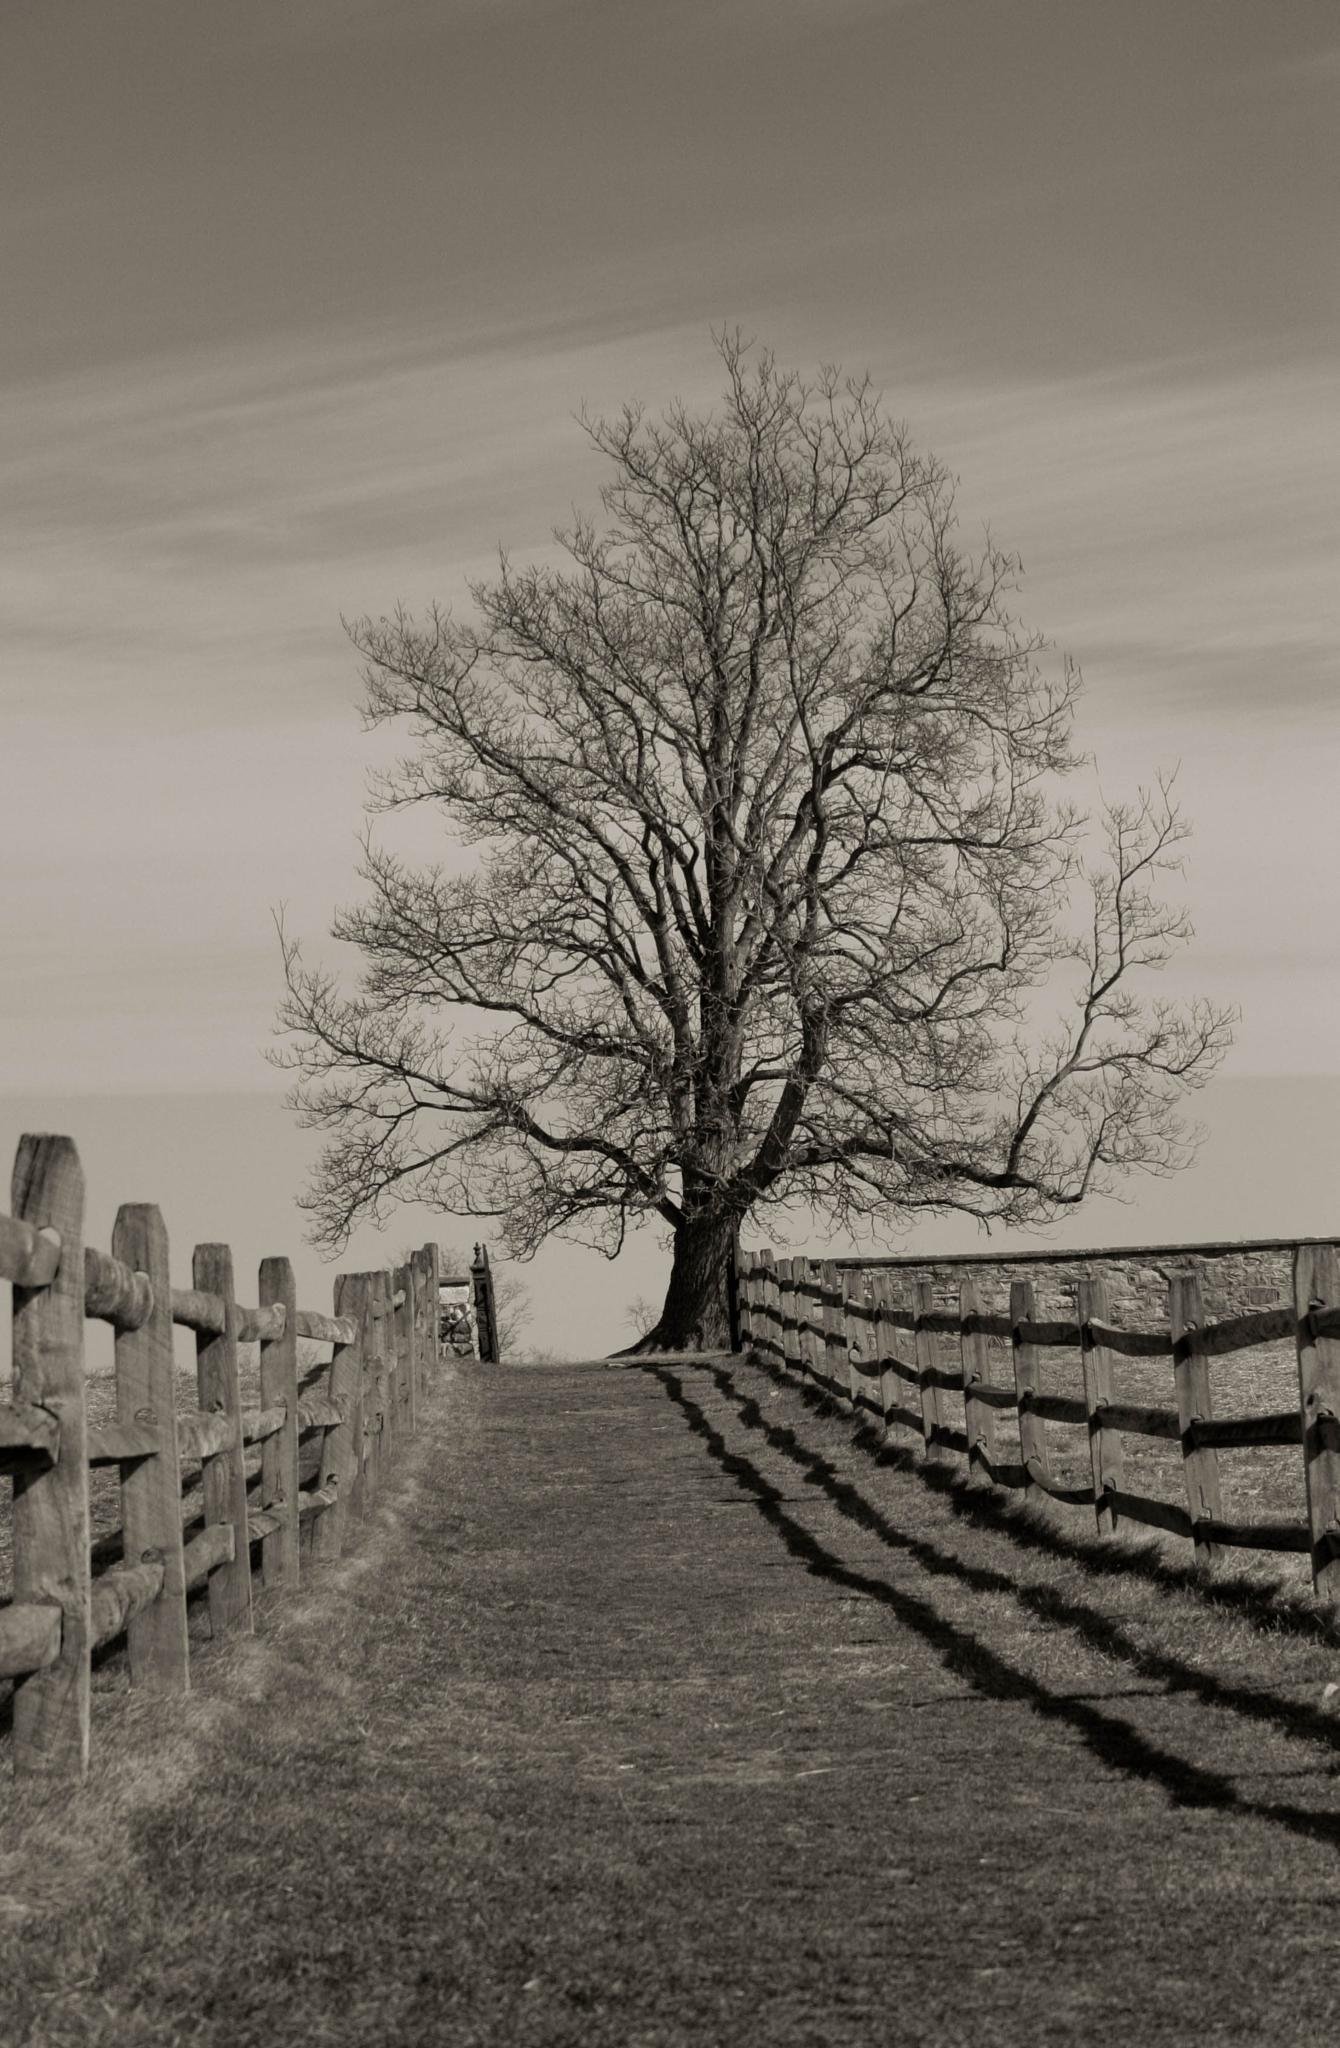 Cemetery Tree by Jeff Slater